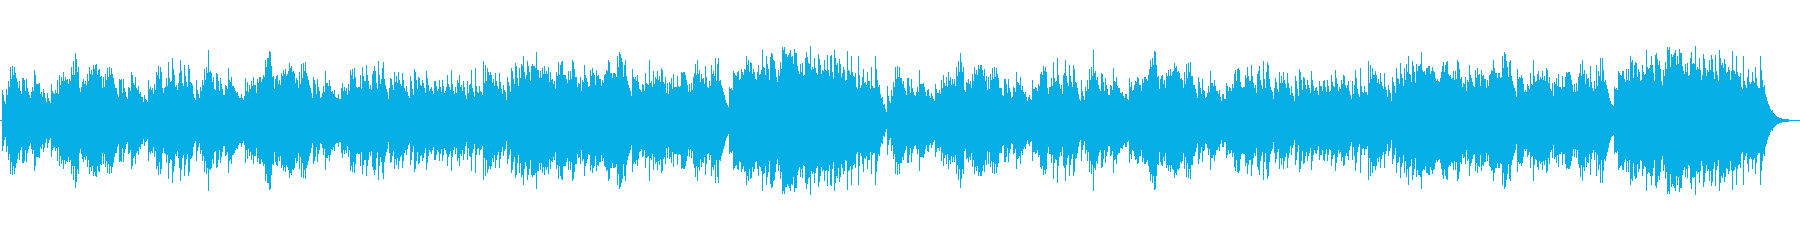 ミステリアスなチェレスタの再生済みの波形